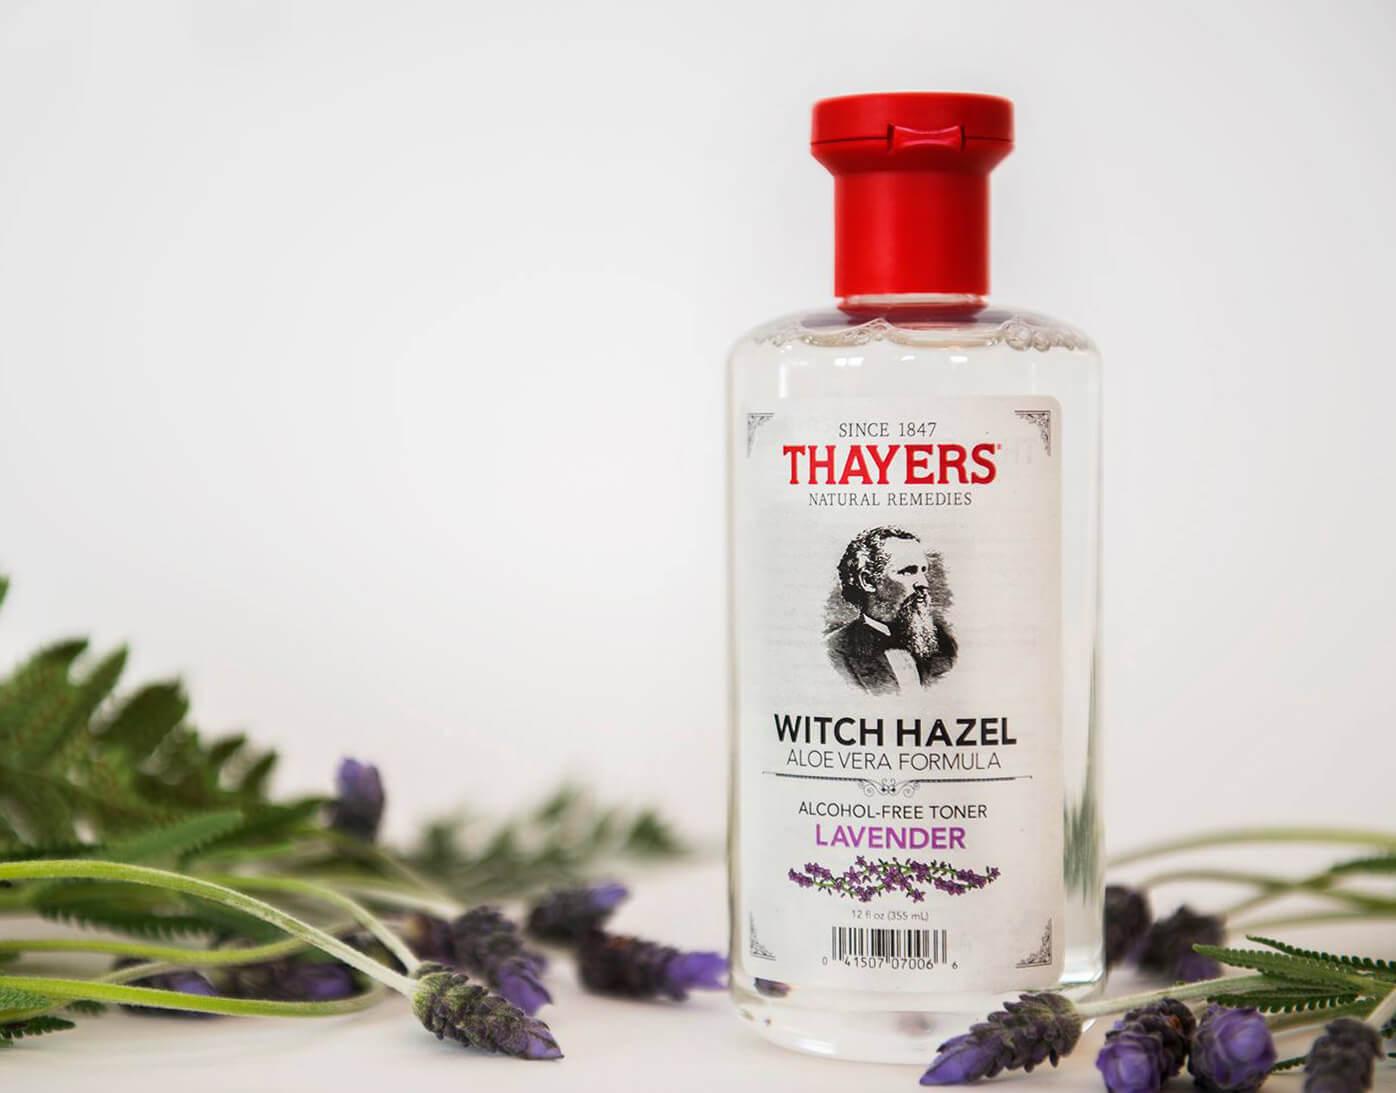 Mùi Lavender ngay lập tức sẽ khiến bạn thích thú